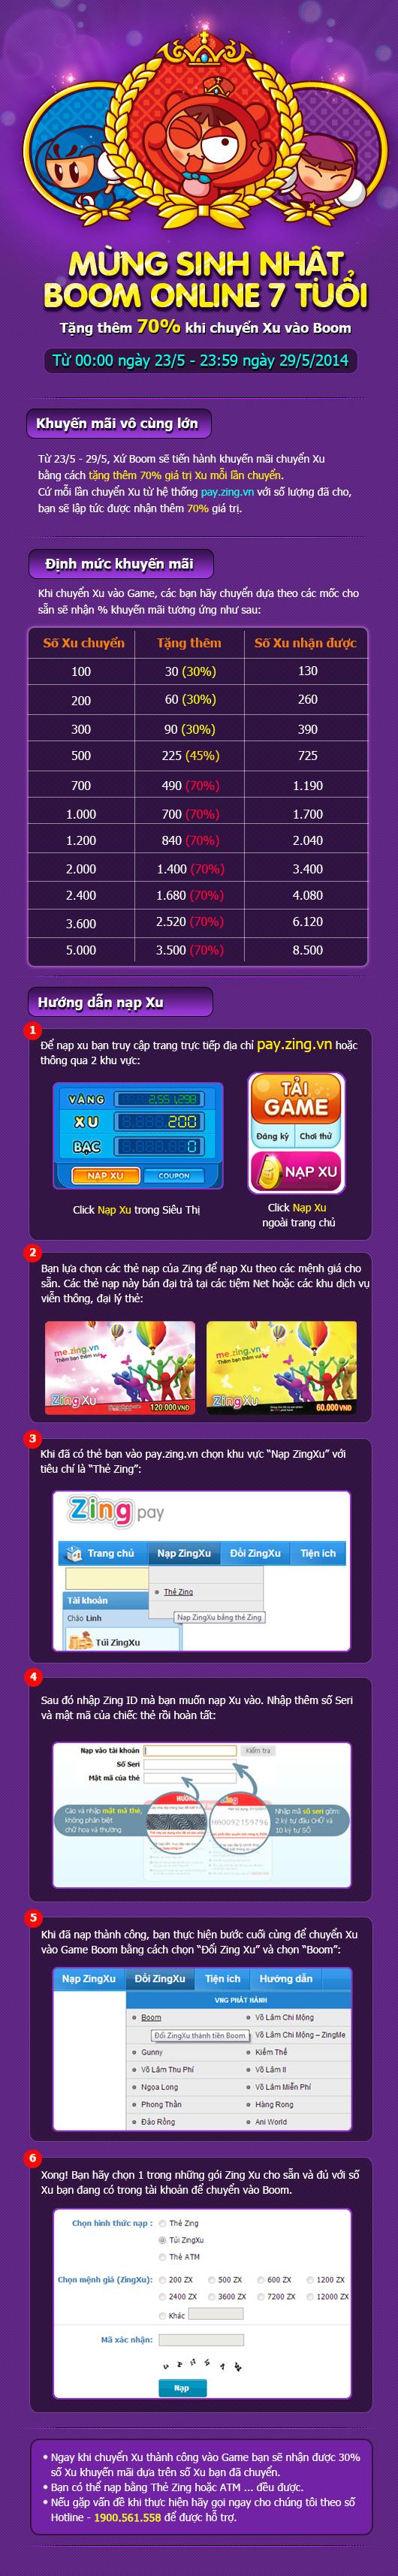 Boom Online tưng bừng sự kiện đón sinh nhật thứ 7 2